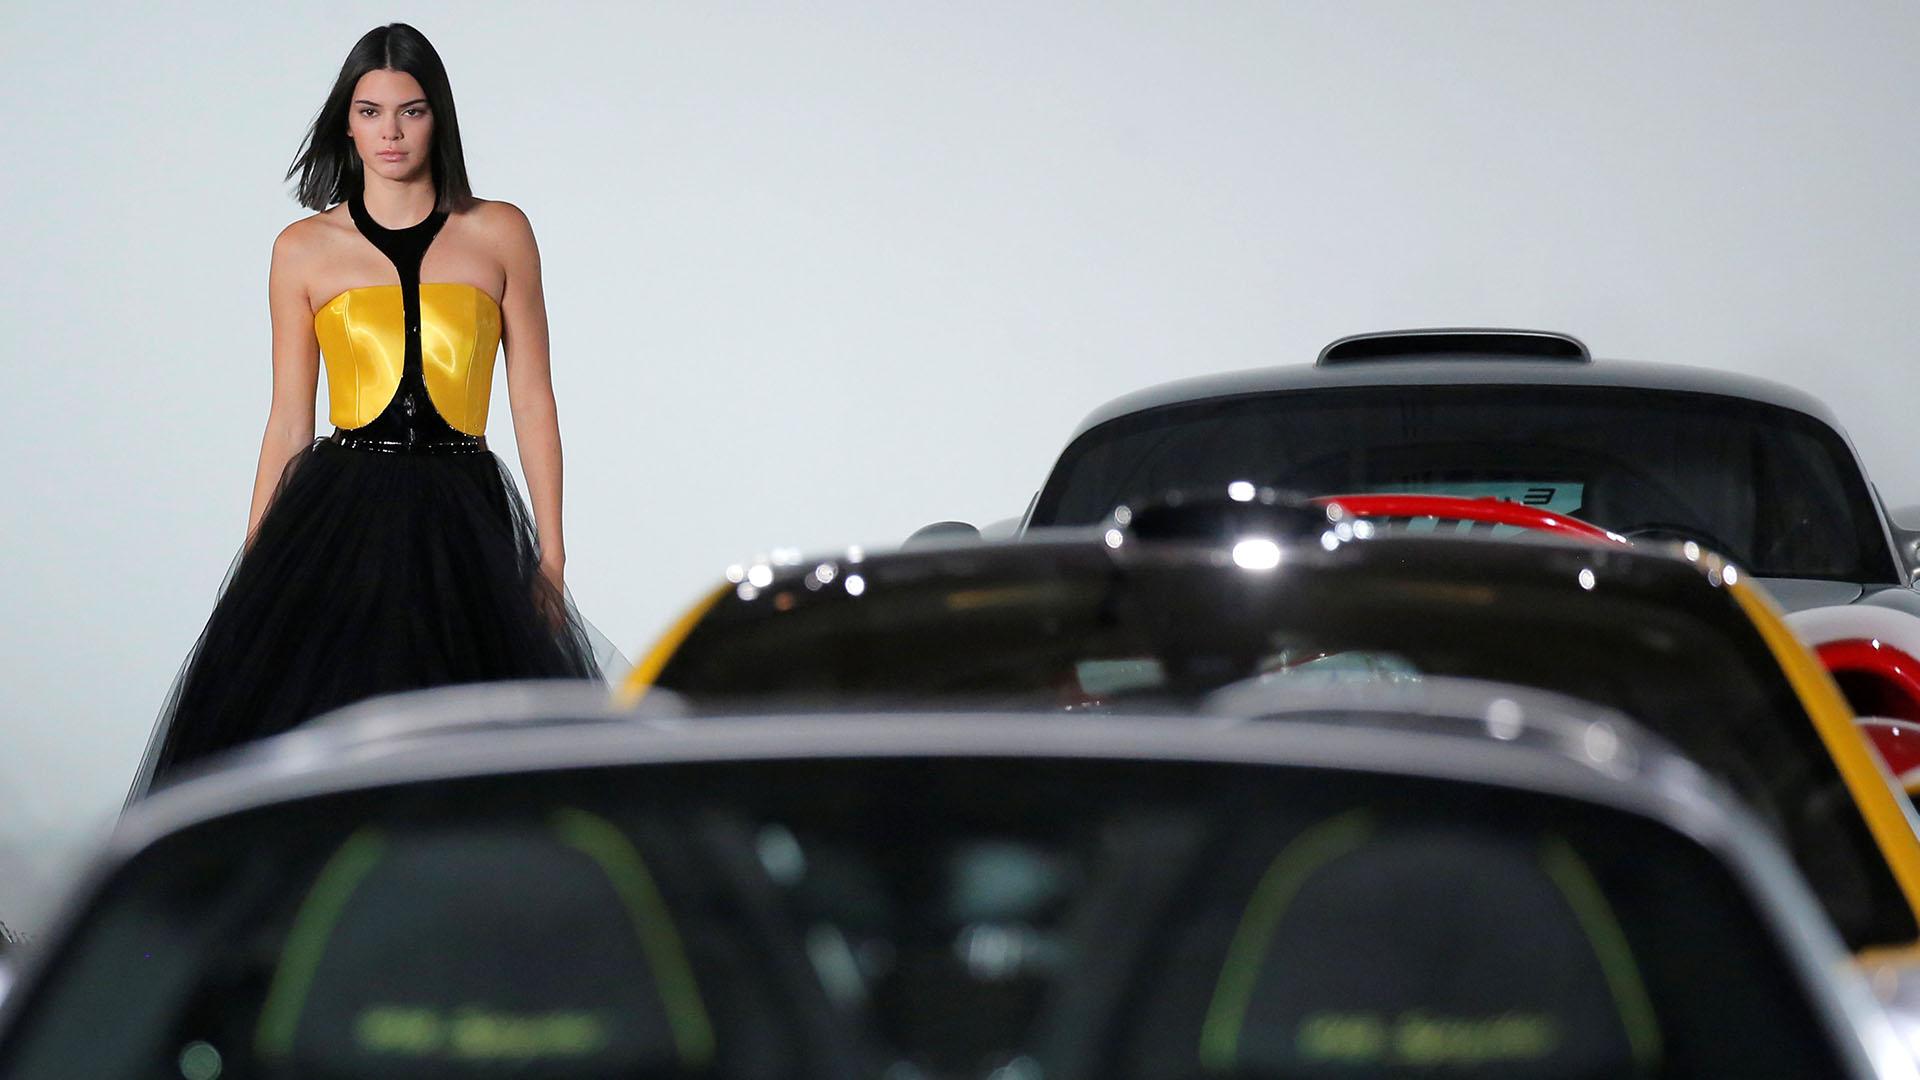 La instamodelKendall Jenner, una de las musas del desfile de Ralph Lauren. La exquisita presentación tuvo como locación un garage privado con su imponente colección de autos de alta gama (REUTERS/Andrew Kelly)